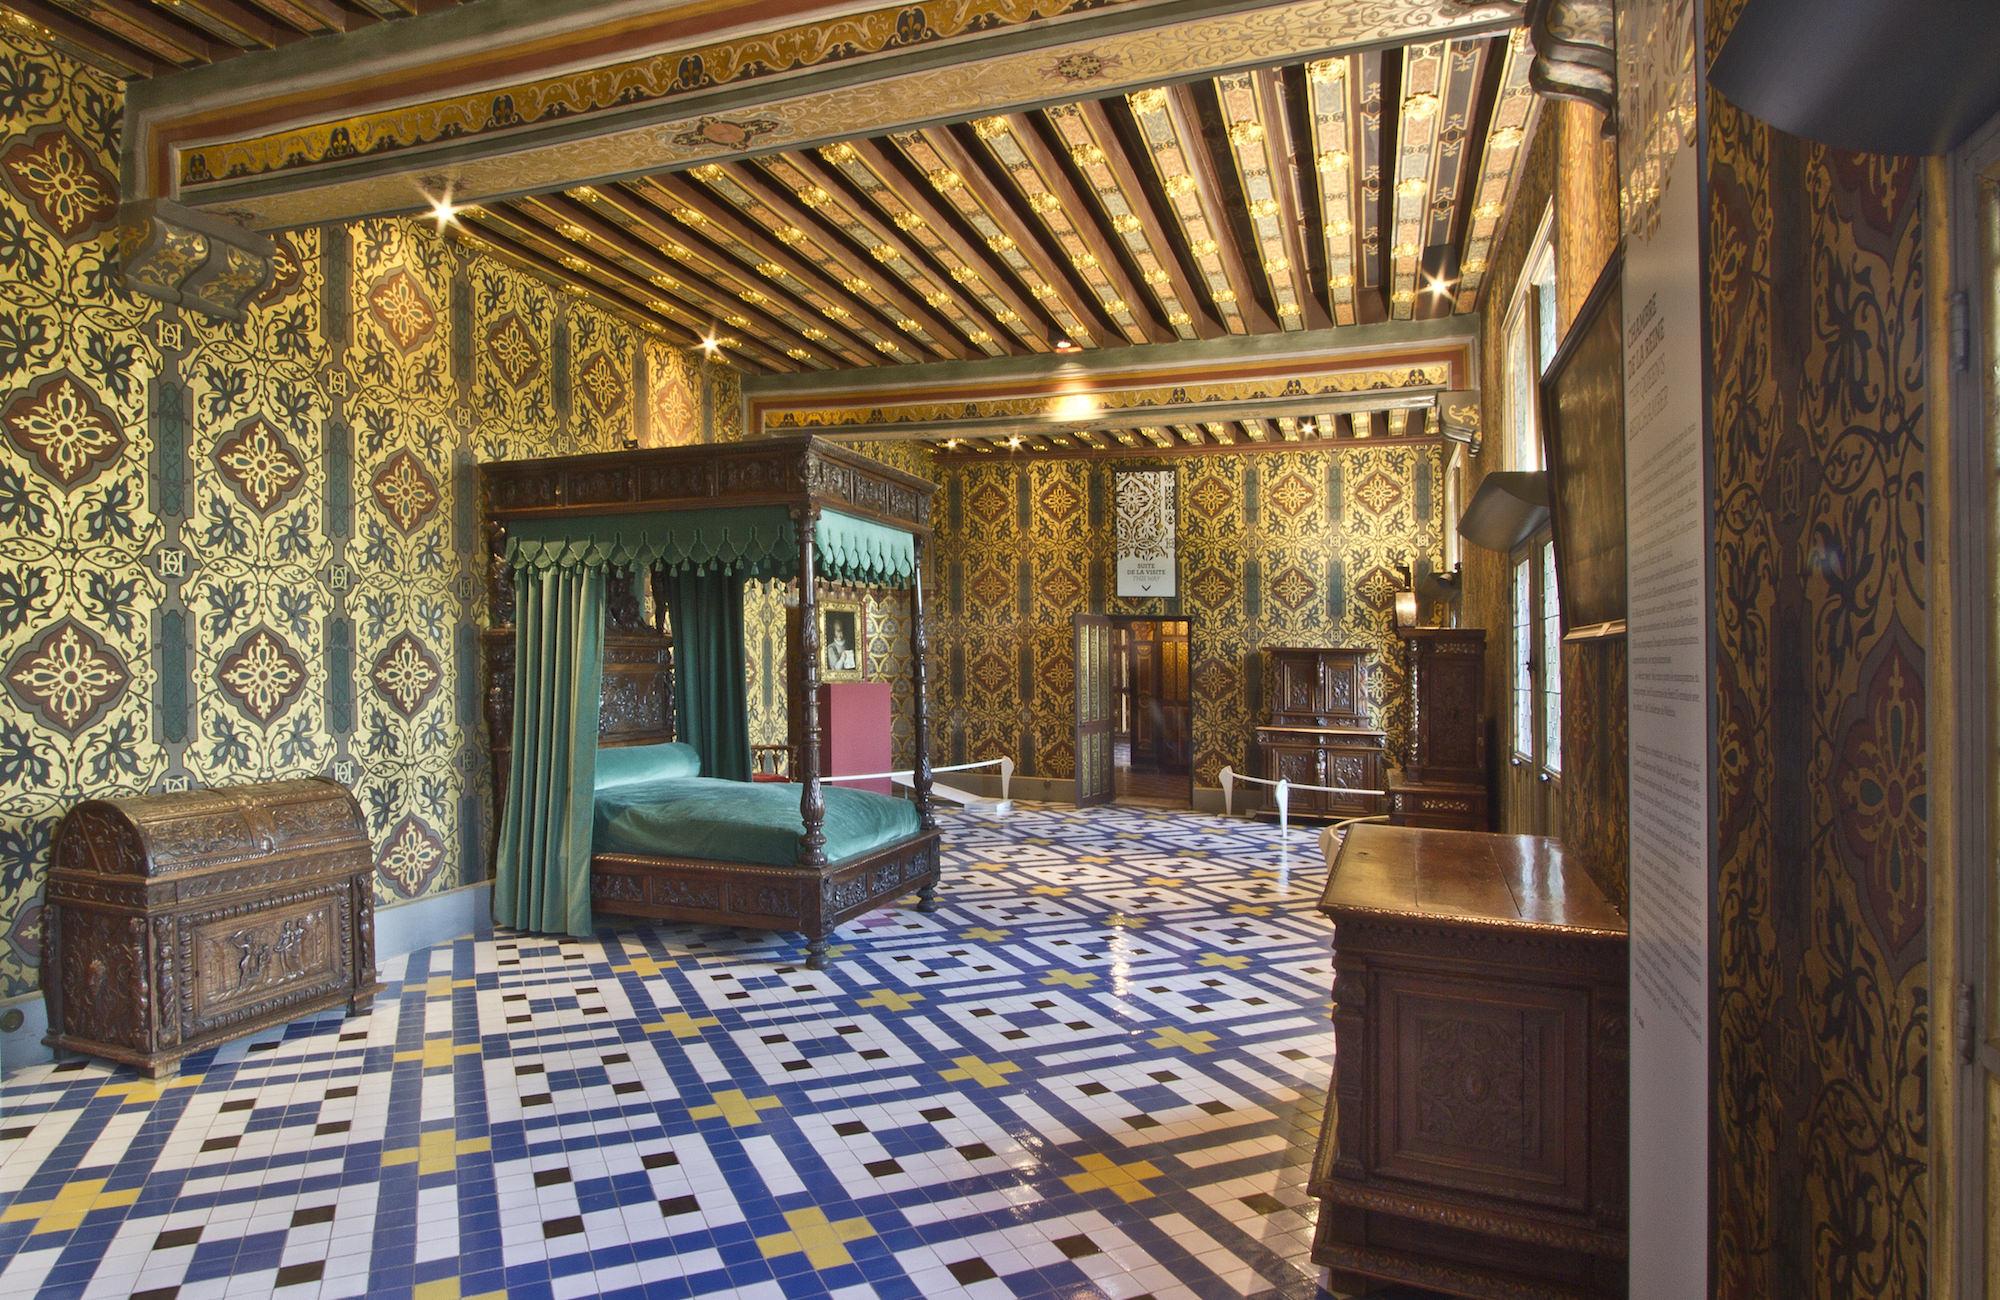 The François I wing, Château de Blois rooms inside